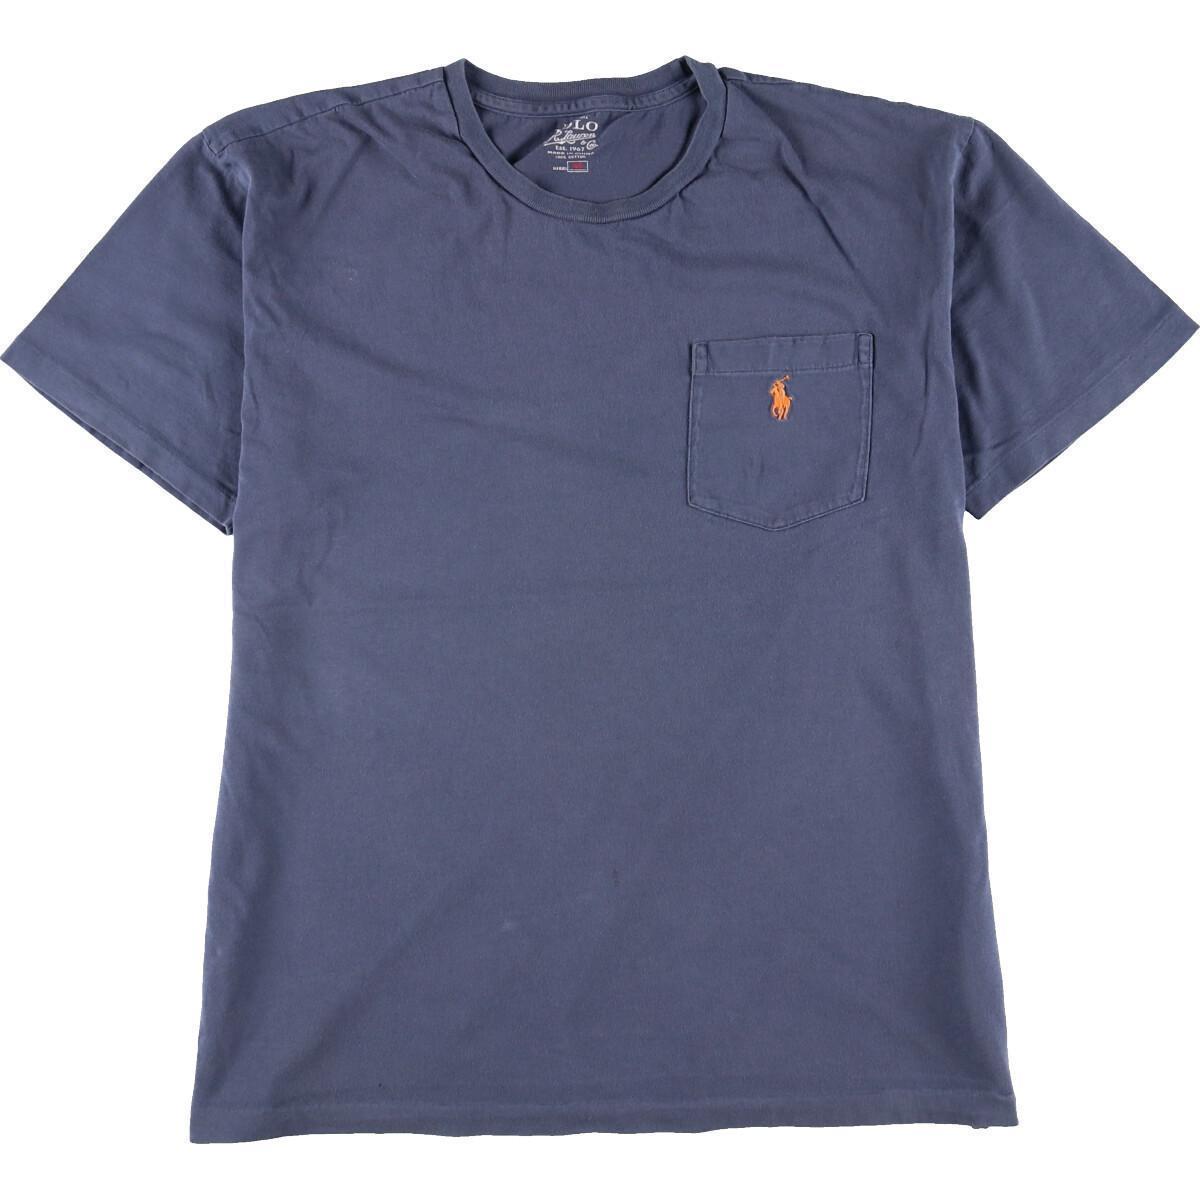 ラルフローレン Ralph Lauren POLO by Ralph Lauren 半袖 ワンポイントロゴポケットTシャツ メンズL /eaa168349_画像1